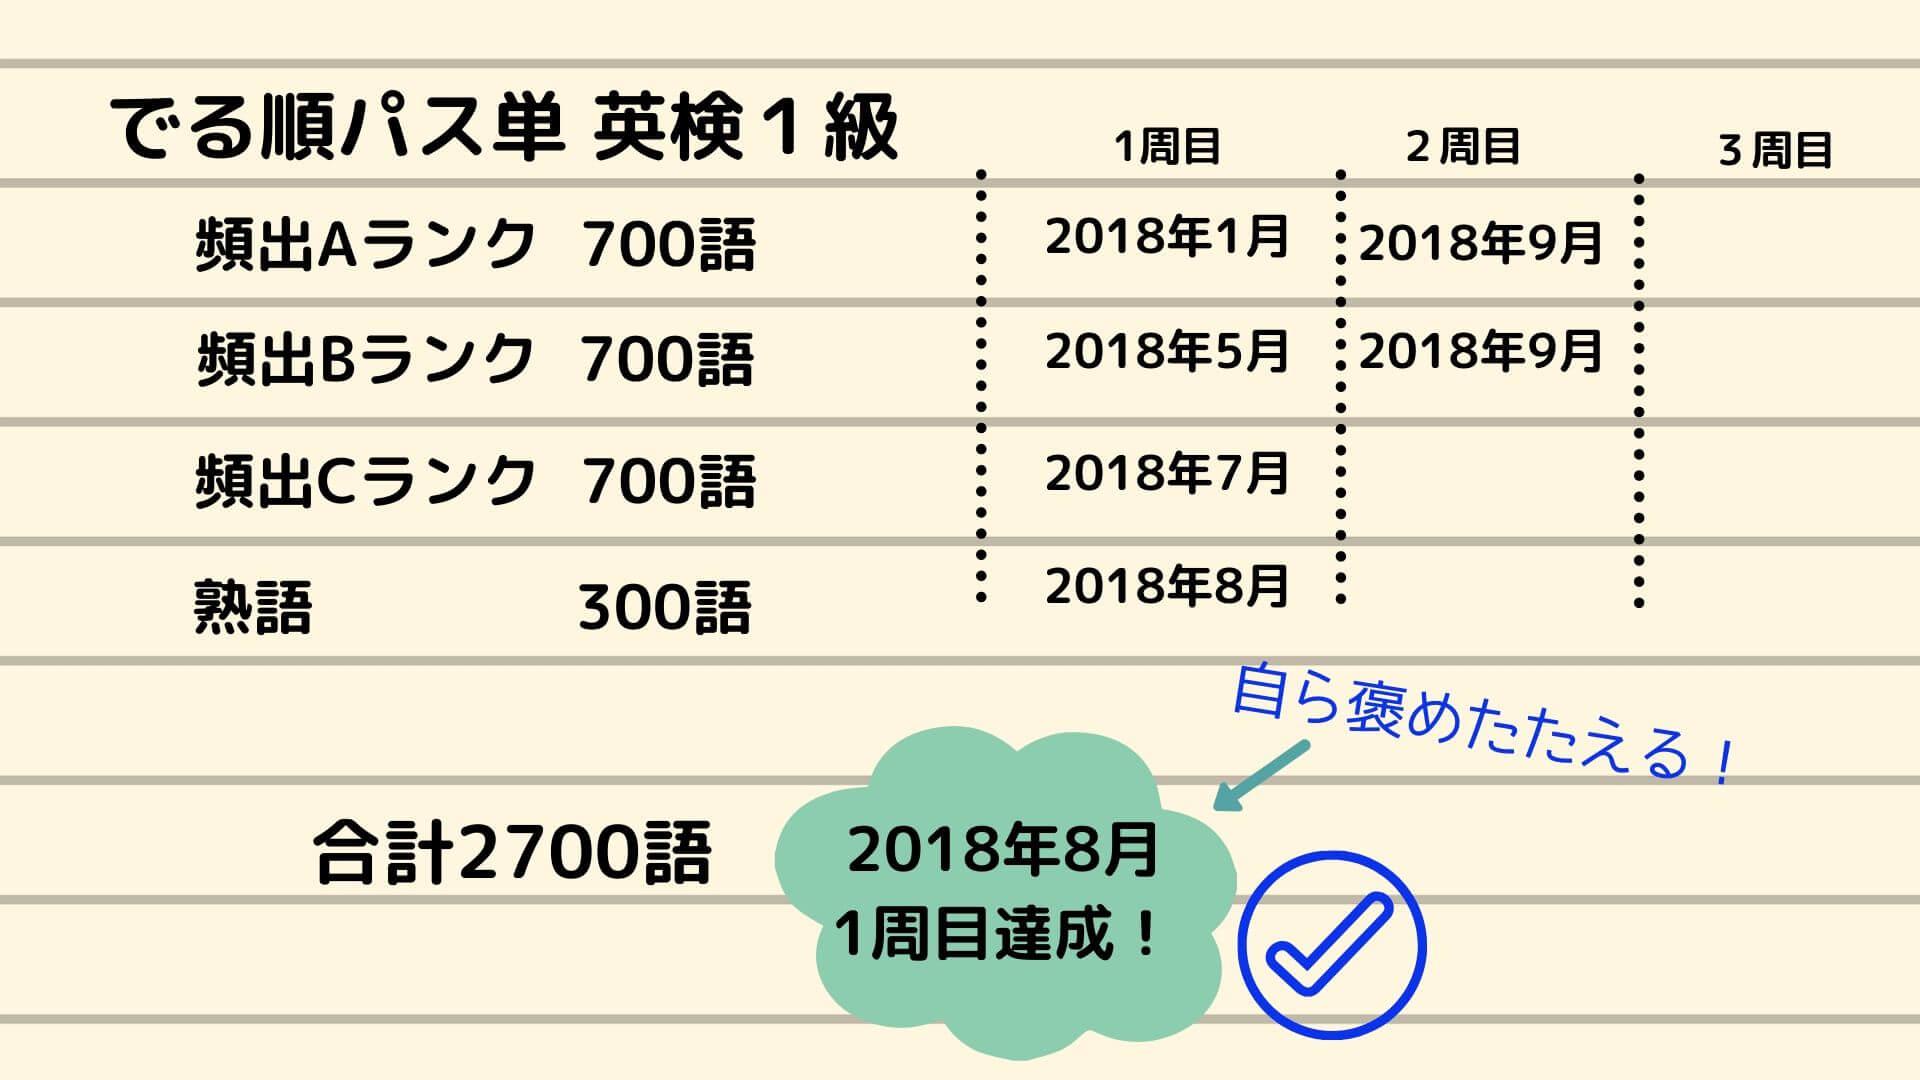 英検1級夢ノート進捗日記の例